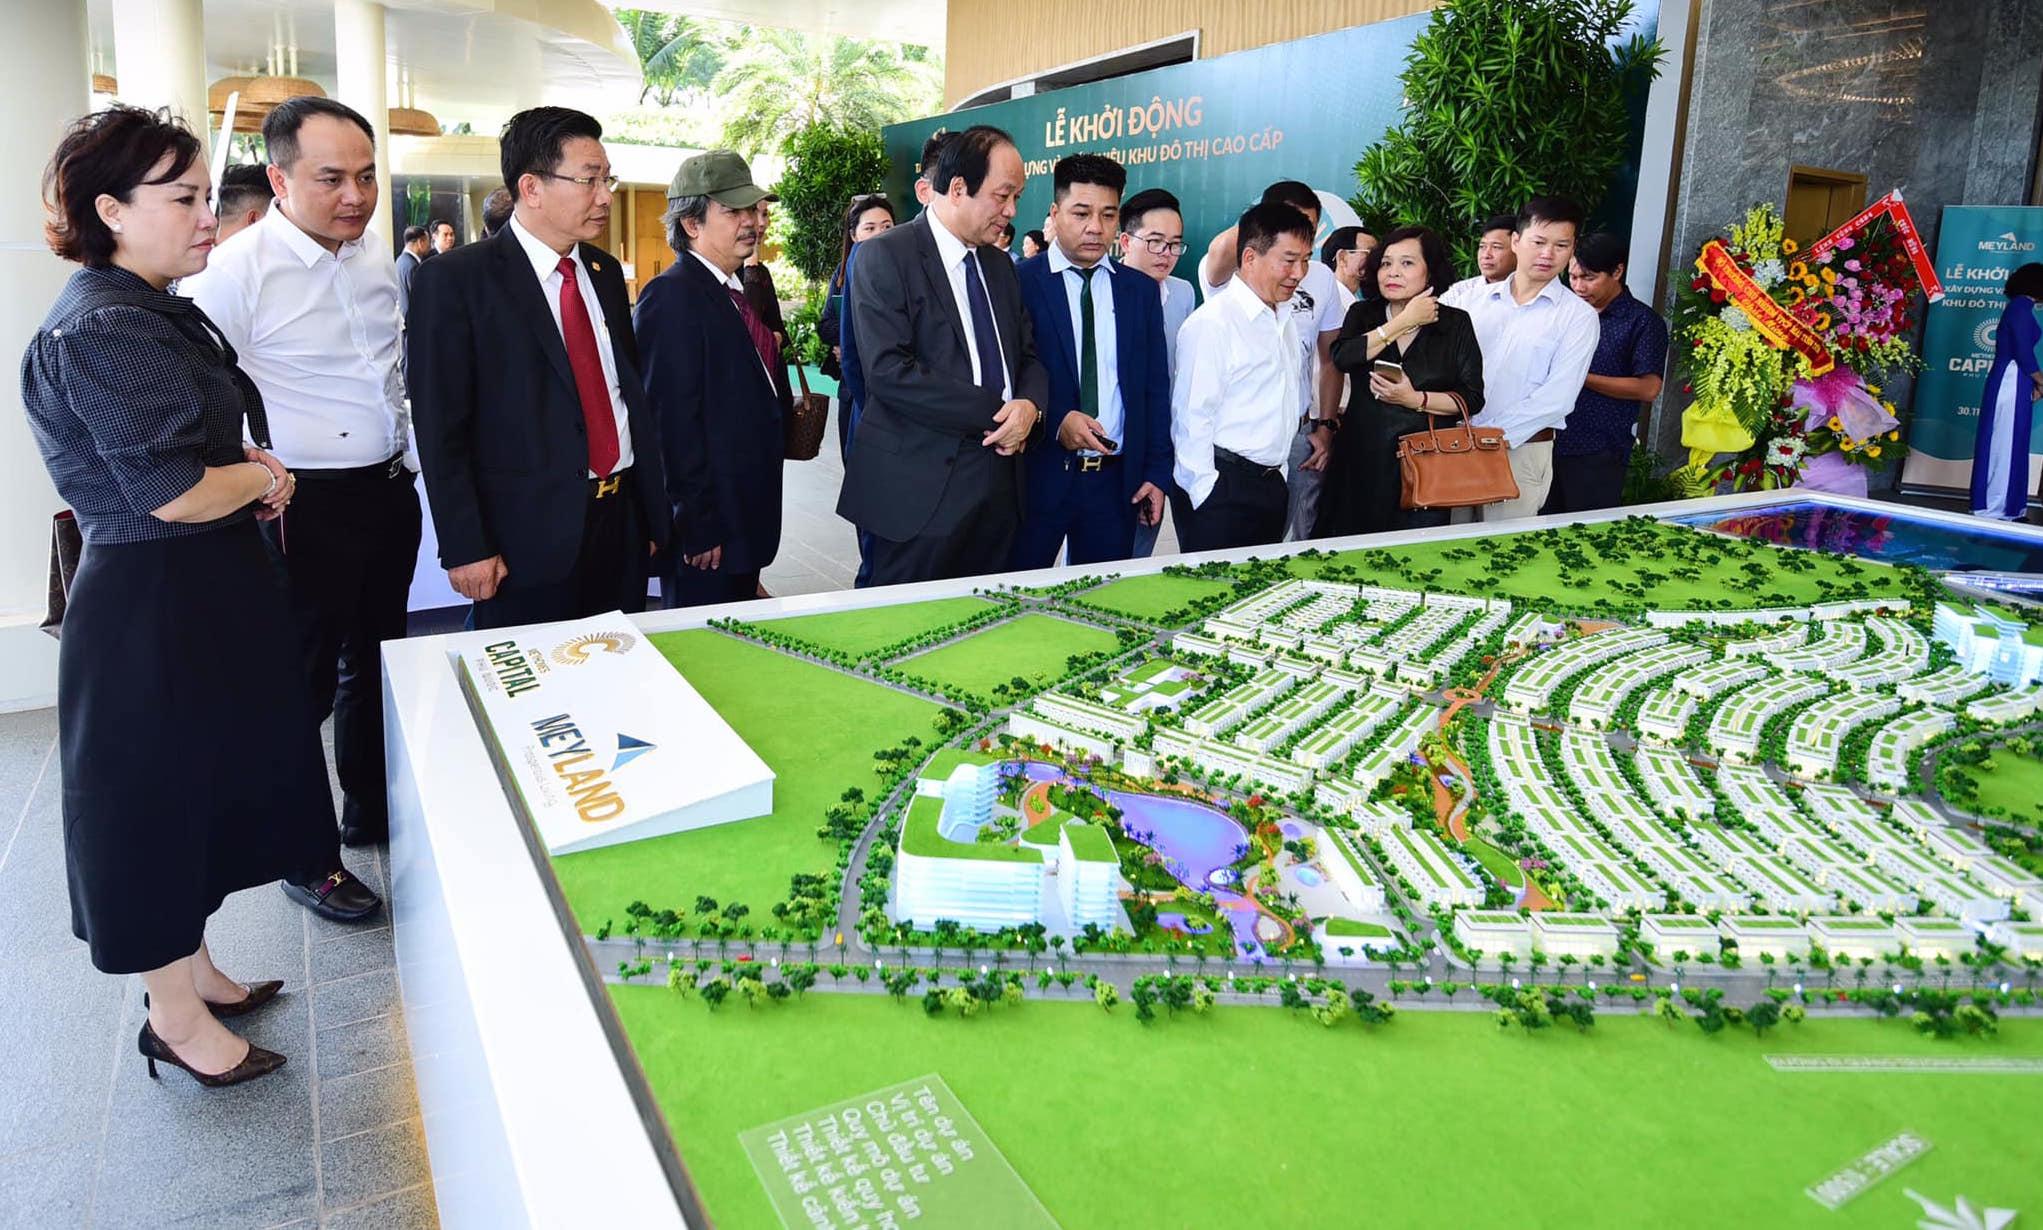 Thiết kế biệt thự, liền kề dự án Meyhomes Capital Phú Quốc